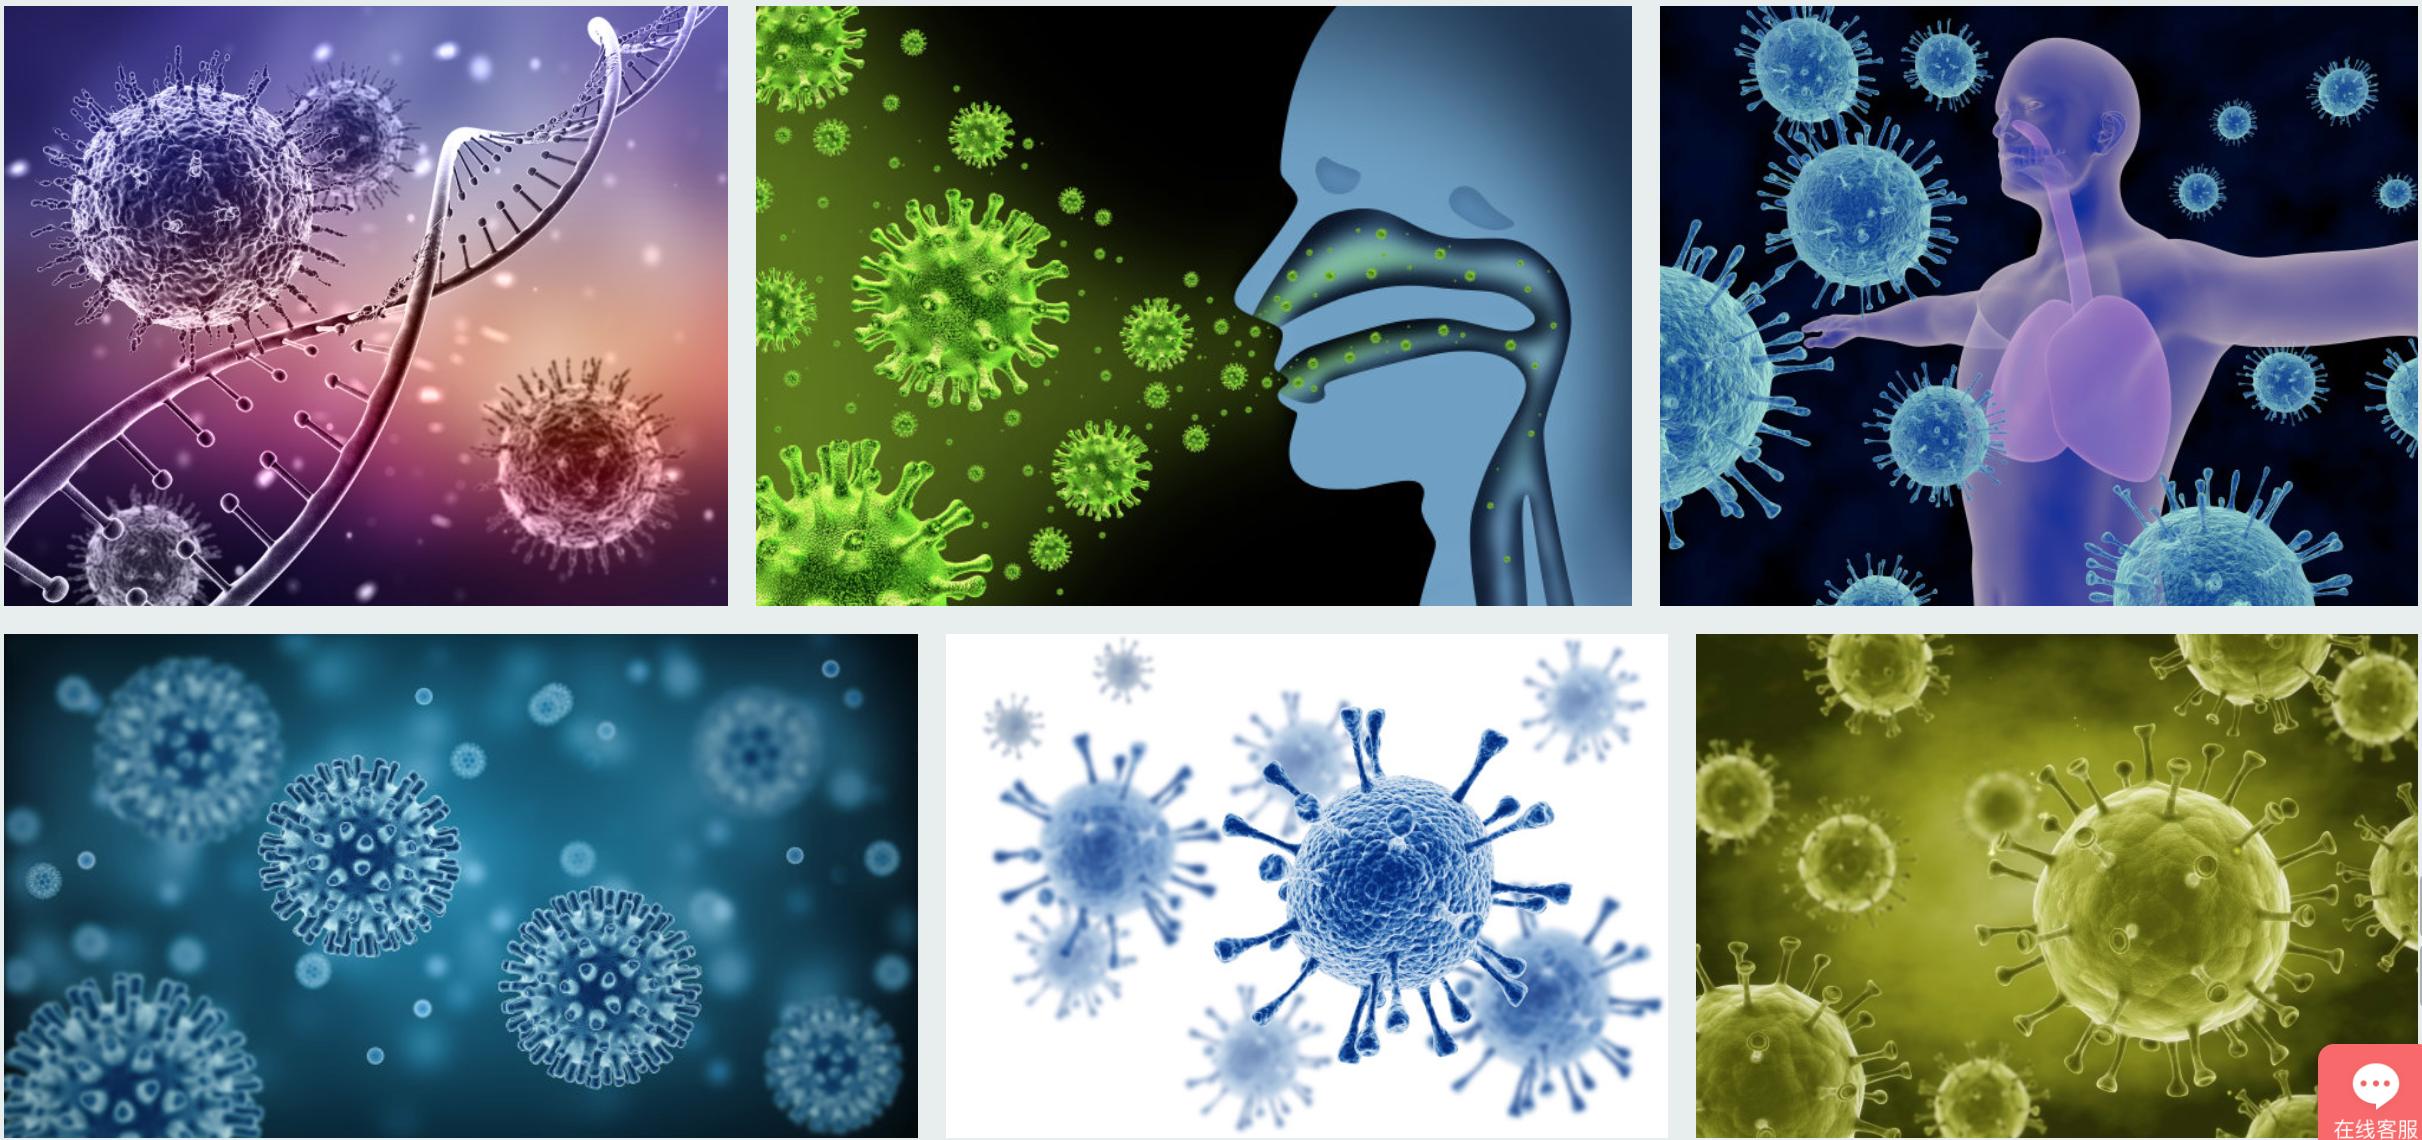 免费下载数百张抗疫和医疗正版图片